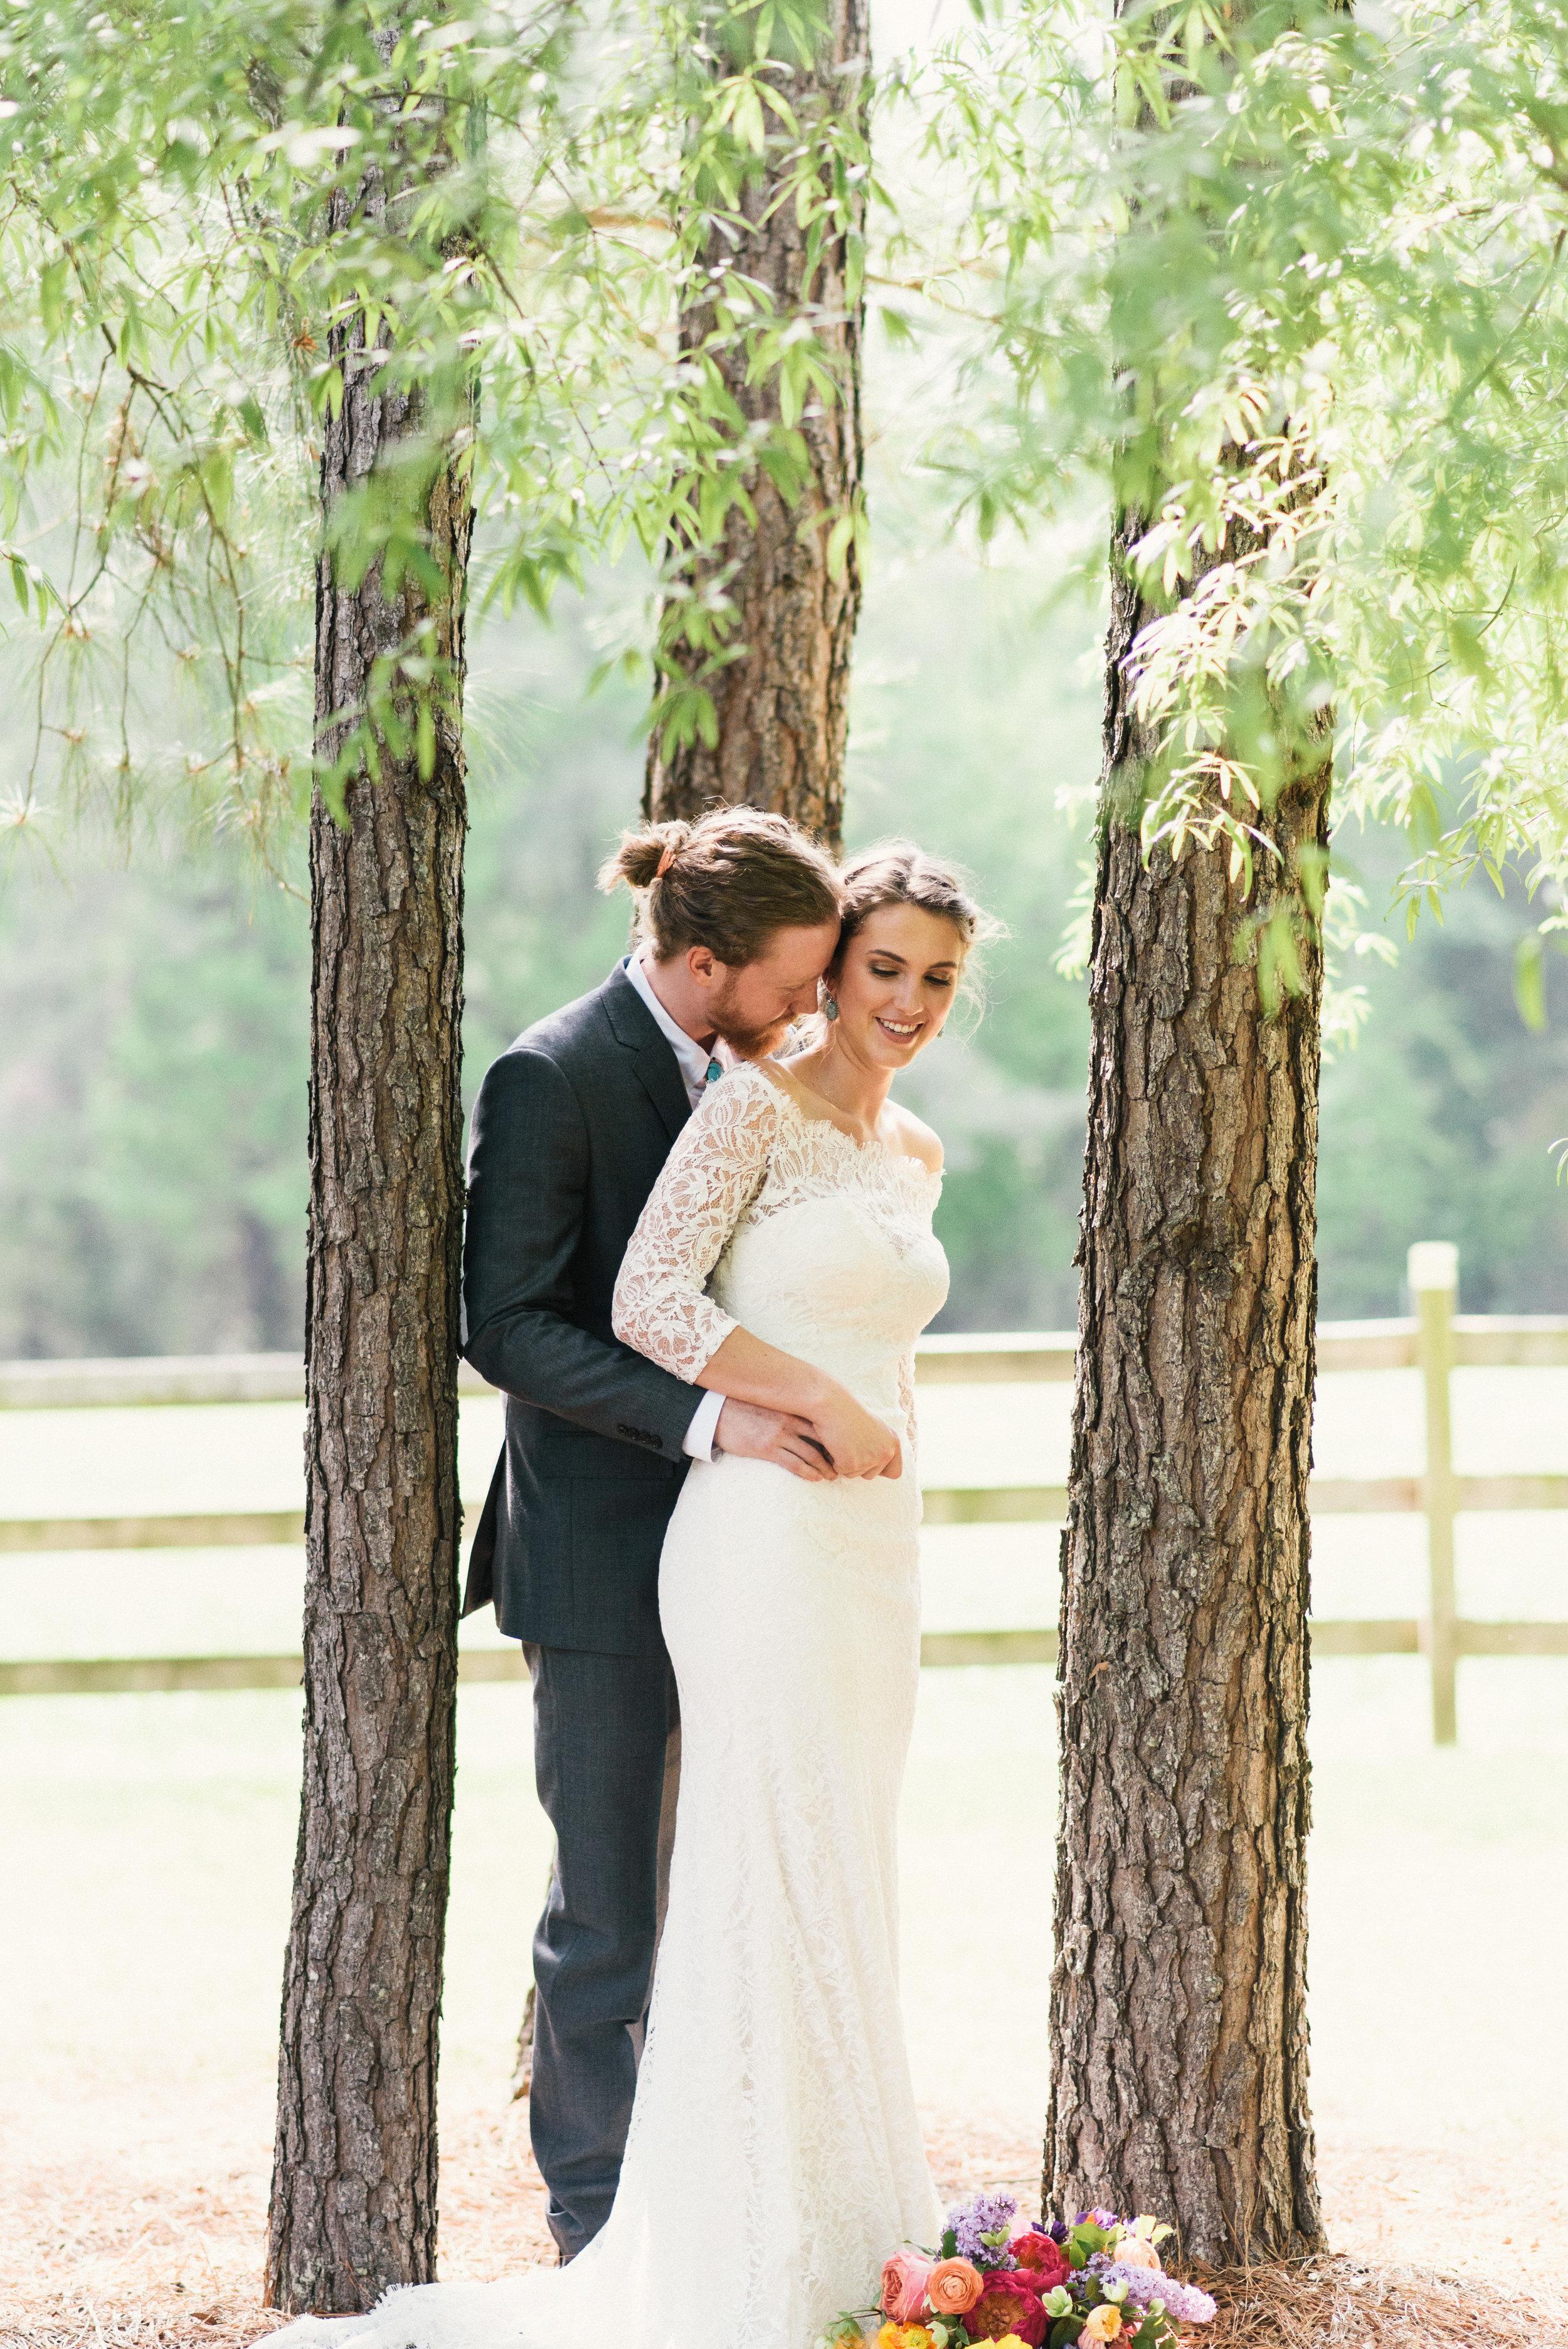 raleigh-elopement-photographer-raleigh-durham-wedding-maddie-and-devin- (37 of 162).jpg